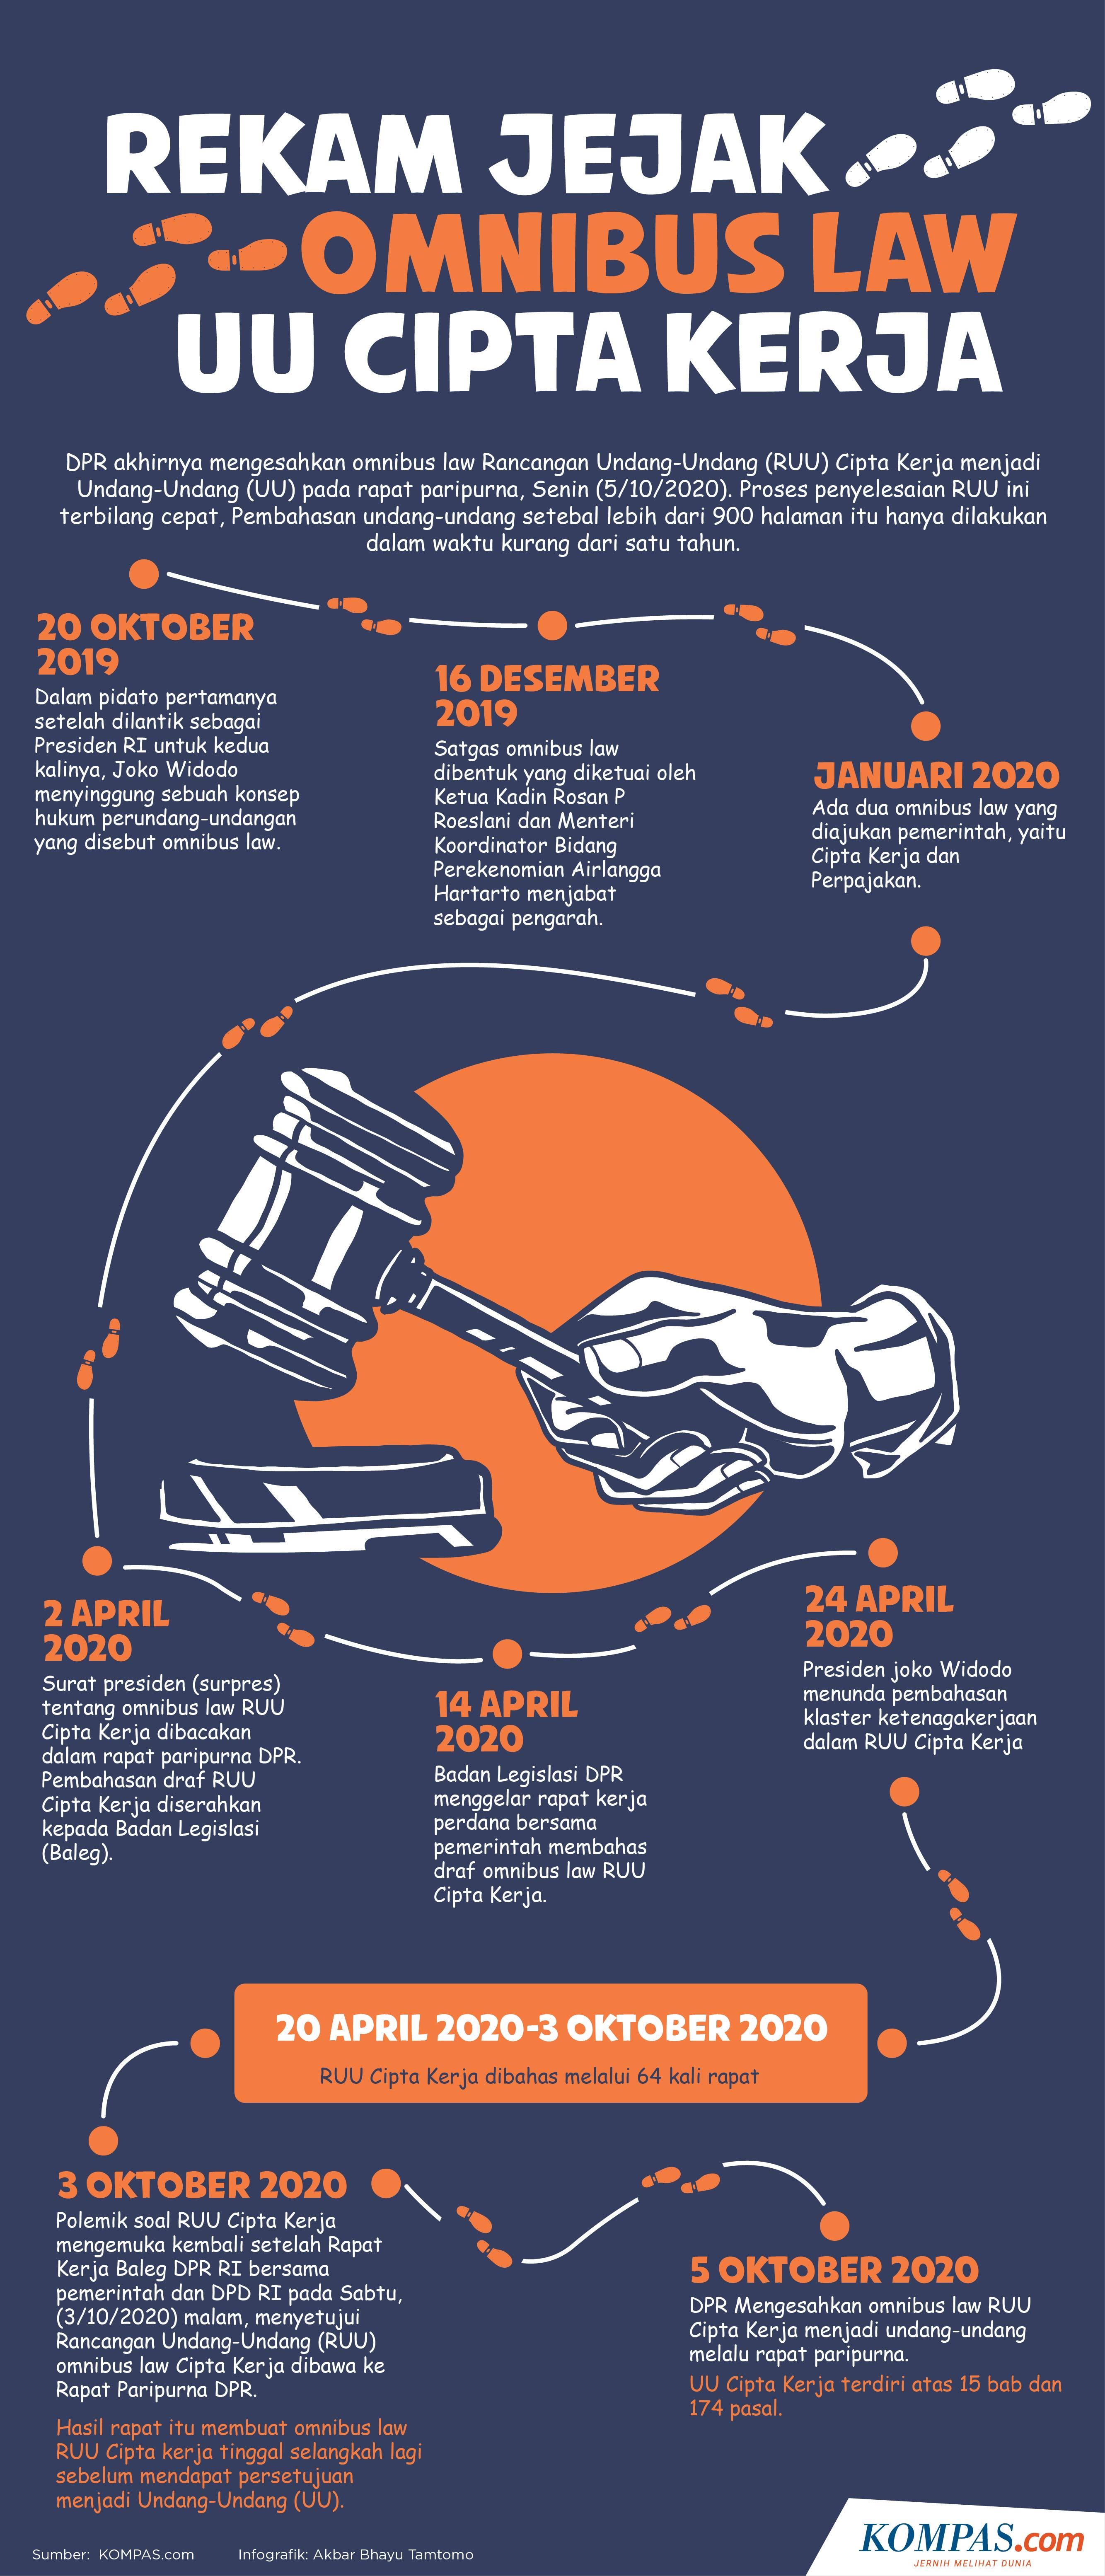 Infografik Rekam Jejak Omnibus Law Uu Cipta Kerja